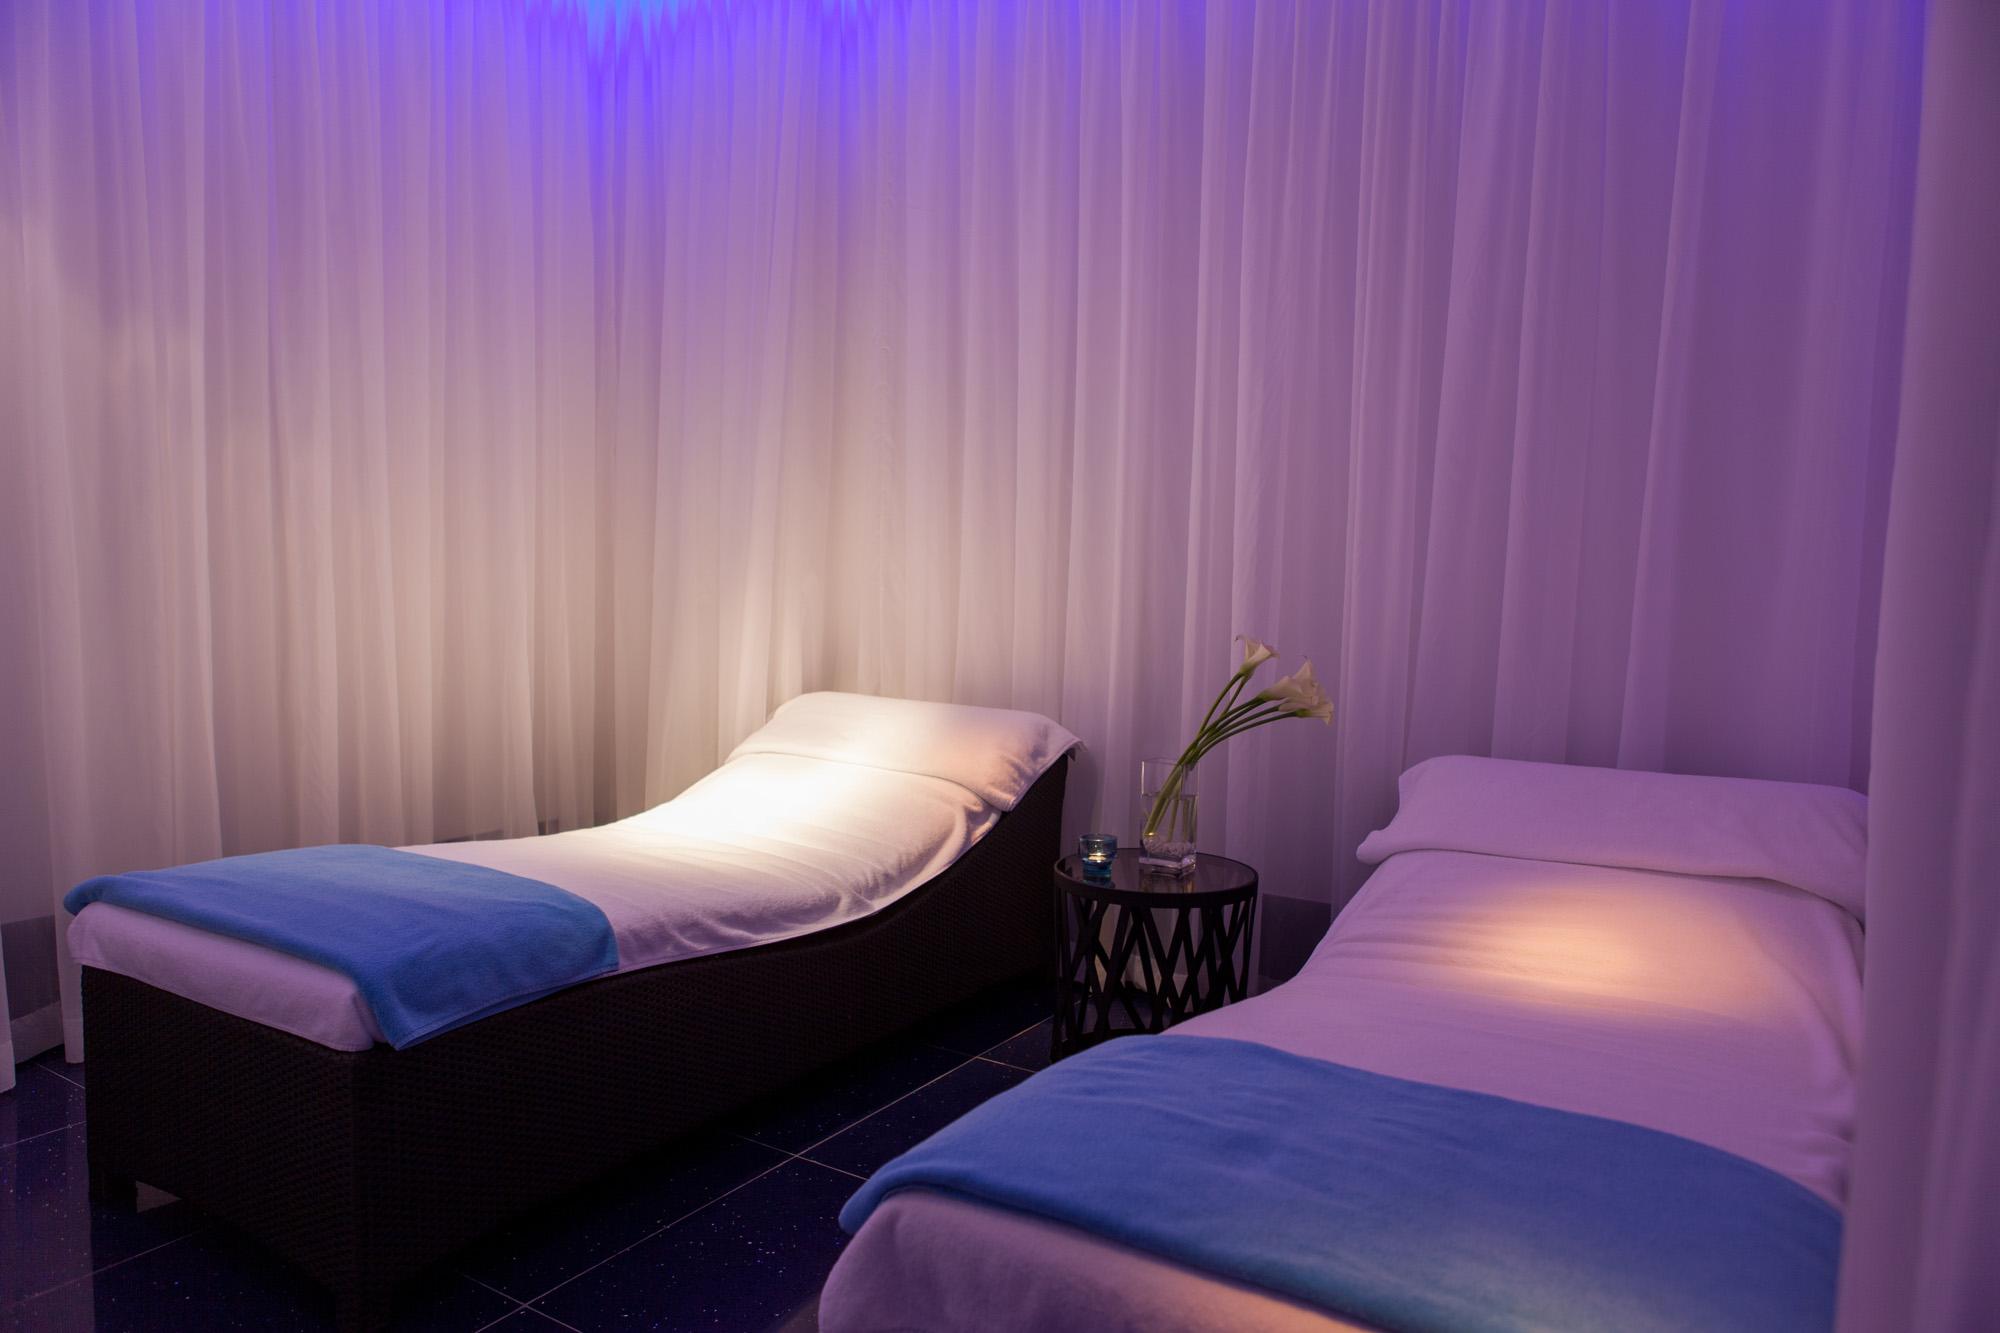 JA Ocean View Hotel - Calm Spa